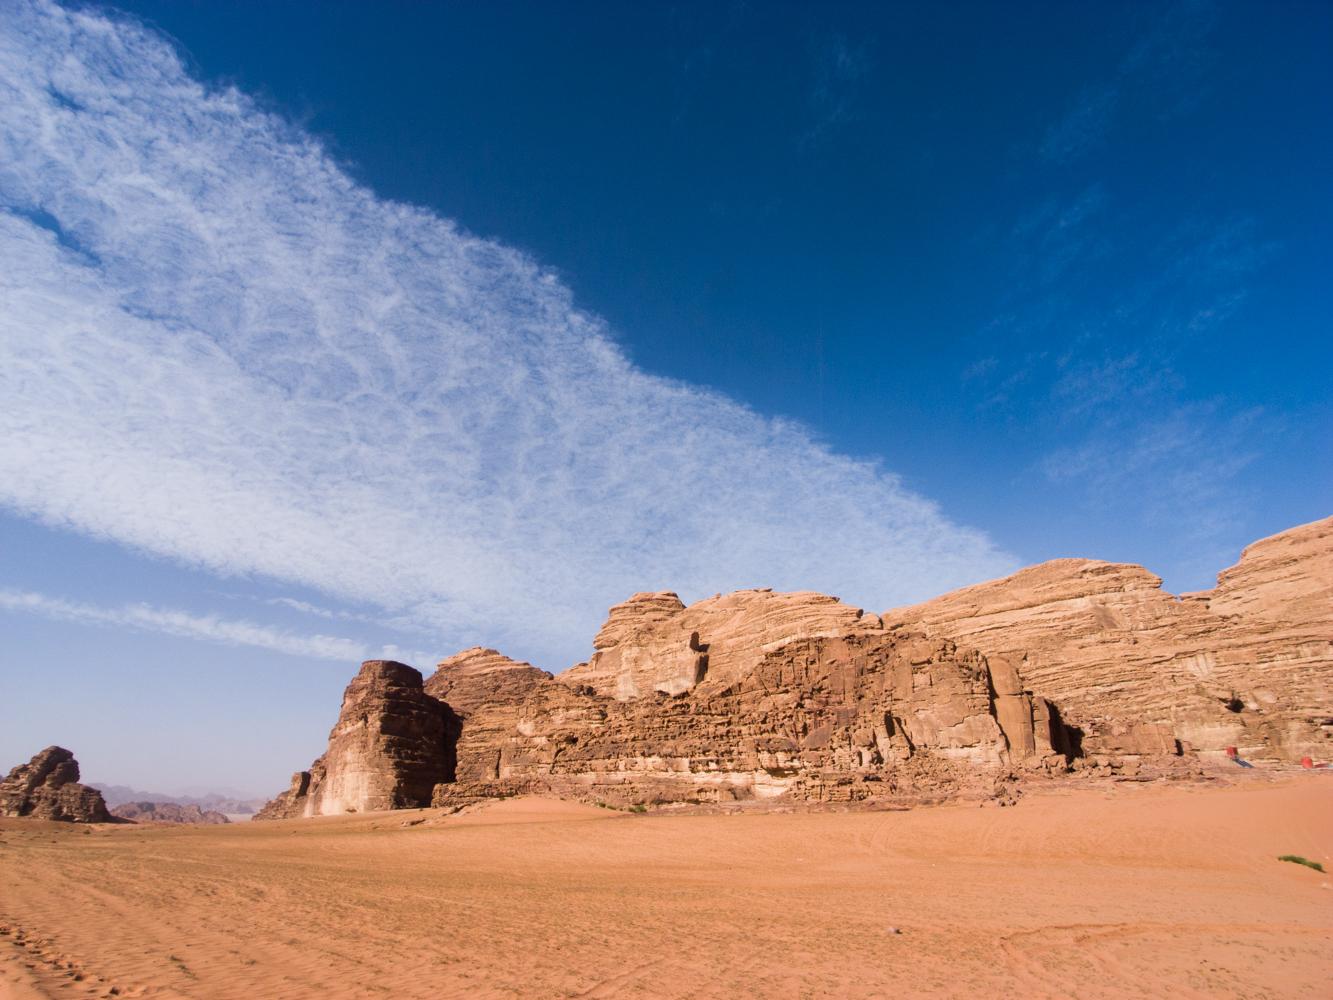 Jordanien_Petra_Wadi_rum_Totes Meer-11